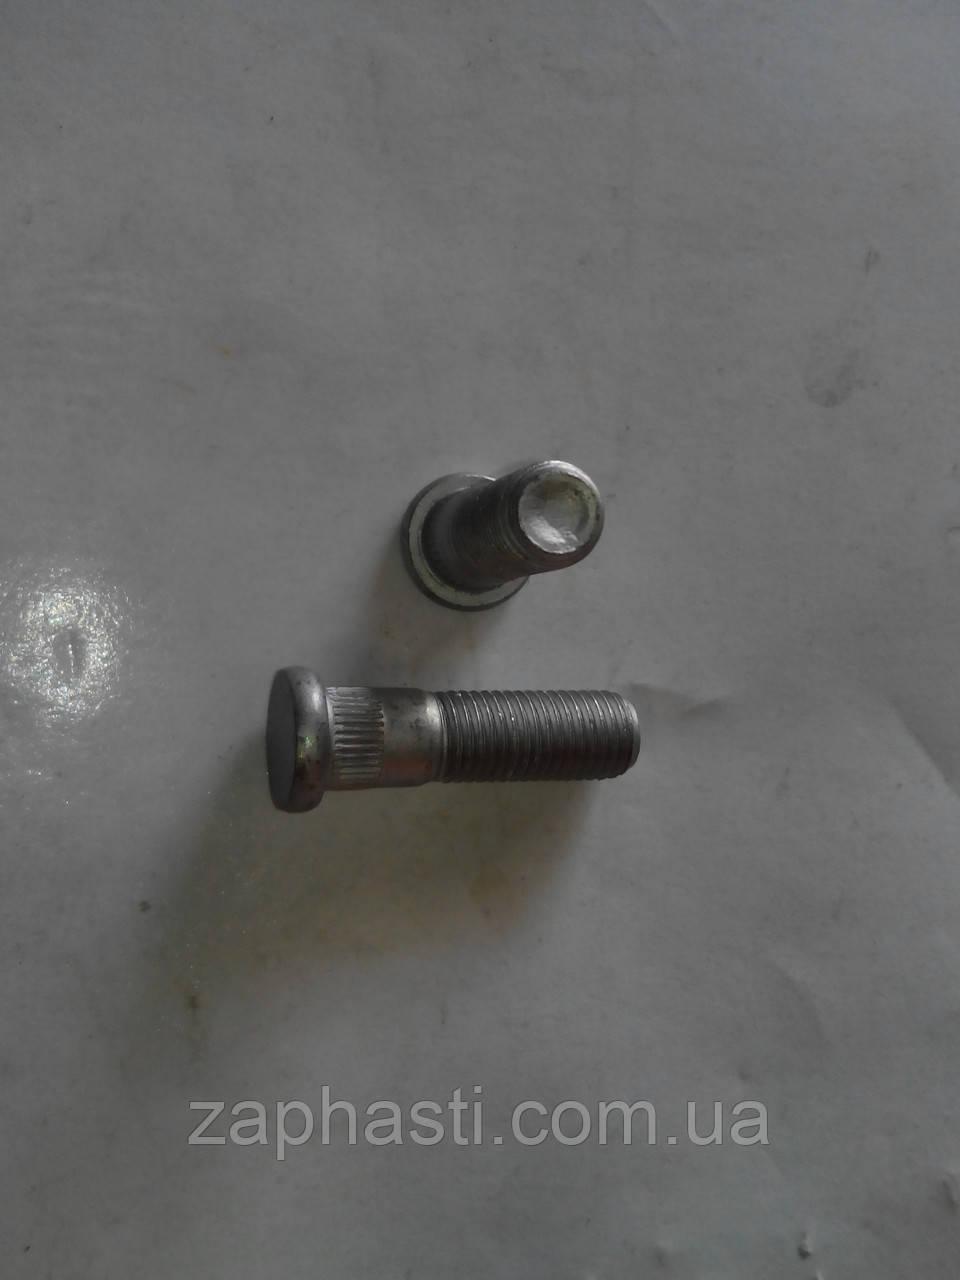 Шпилька фокус 2 3 фотография